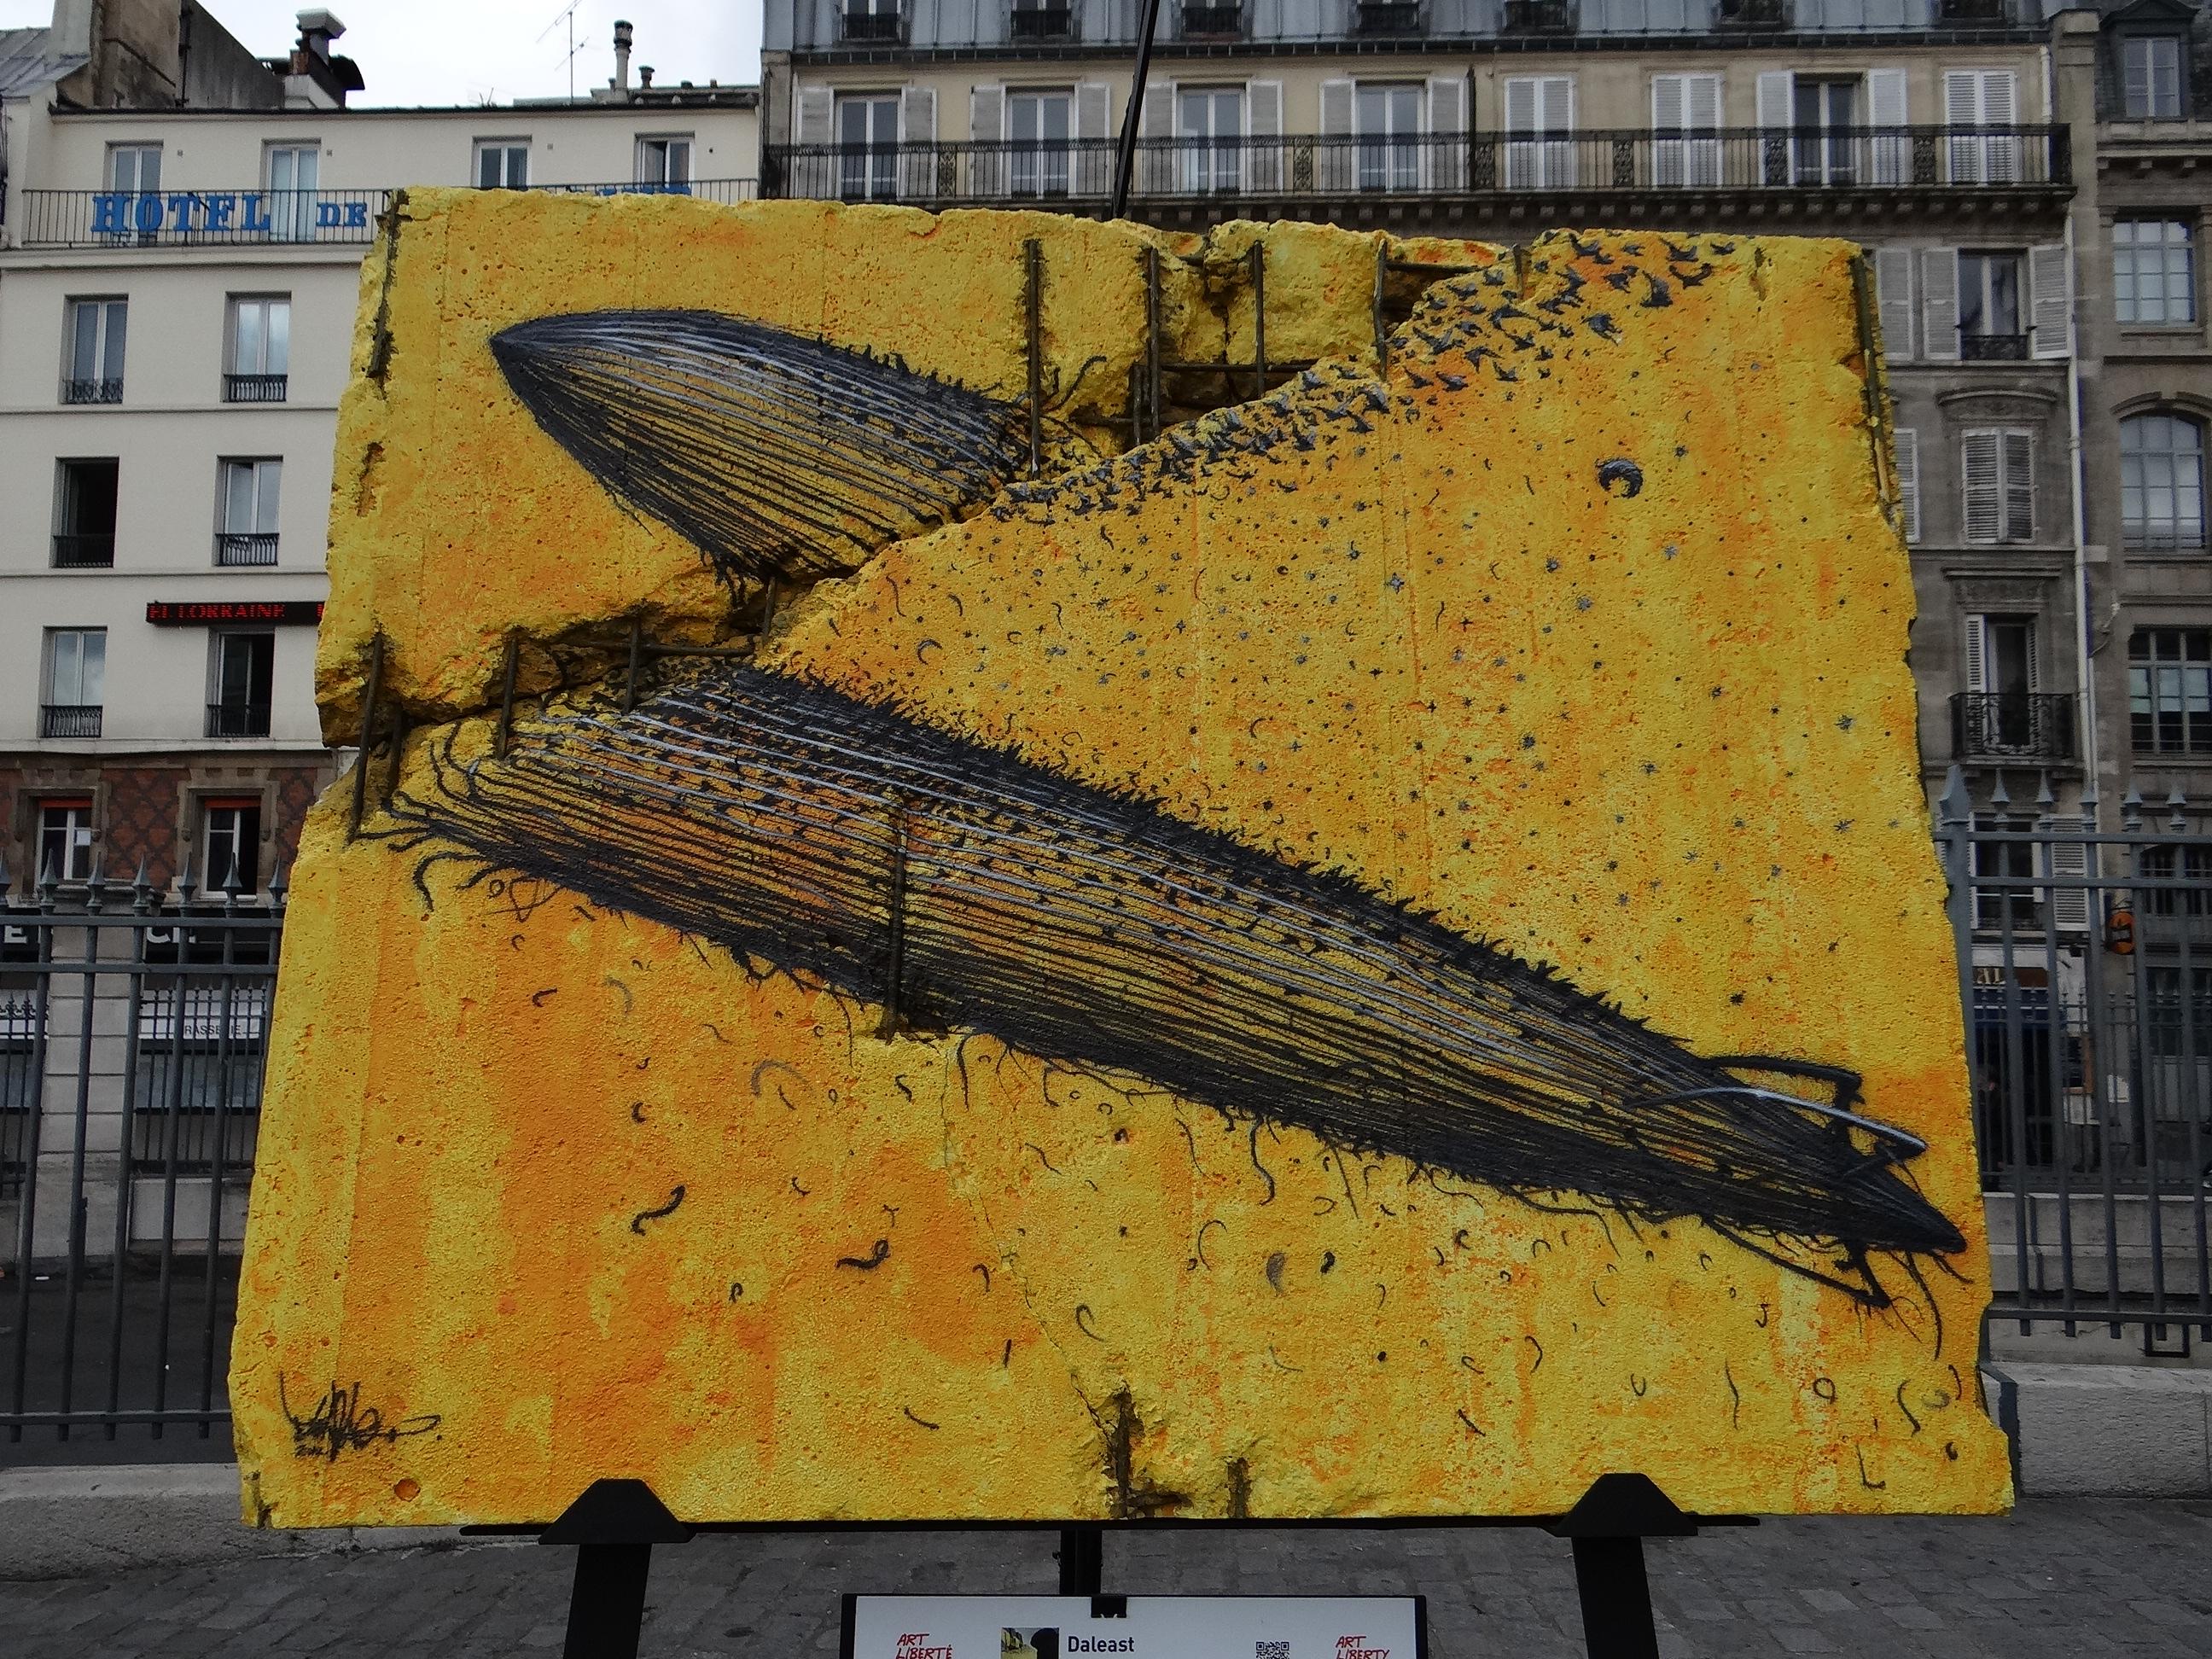 Bien-aimé Art et Liberté, du Mur de Berlin au Street Art – Art & Daily Fix IM43